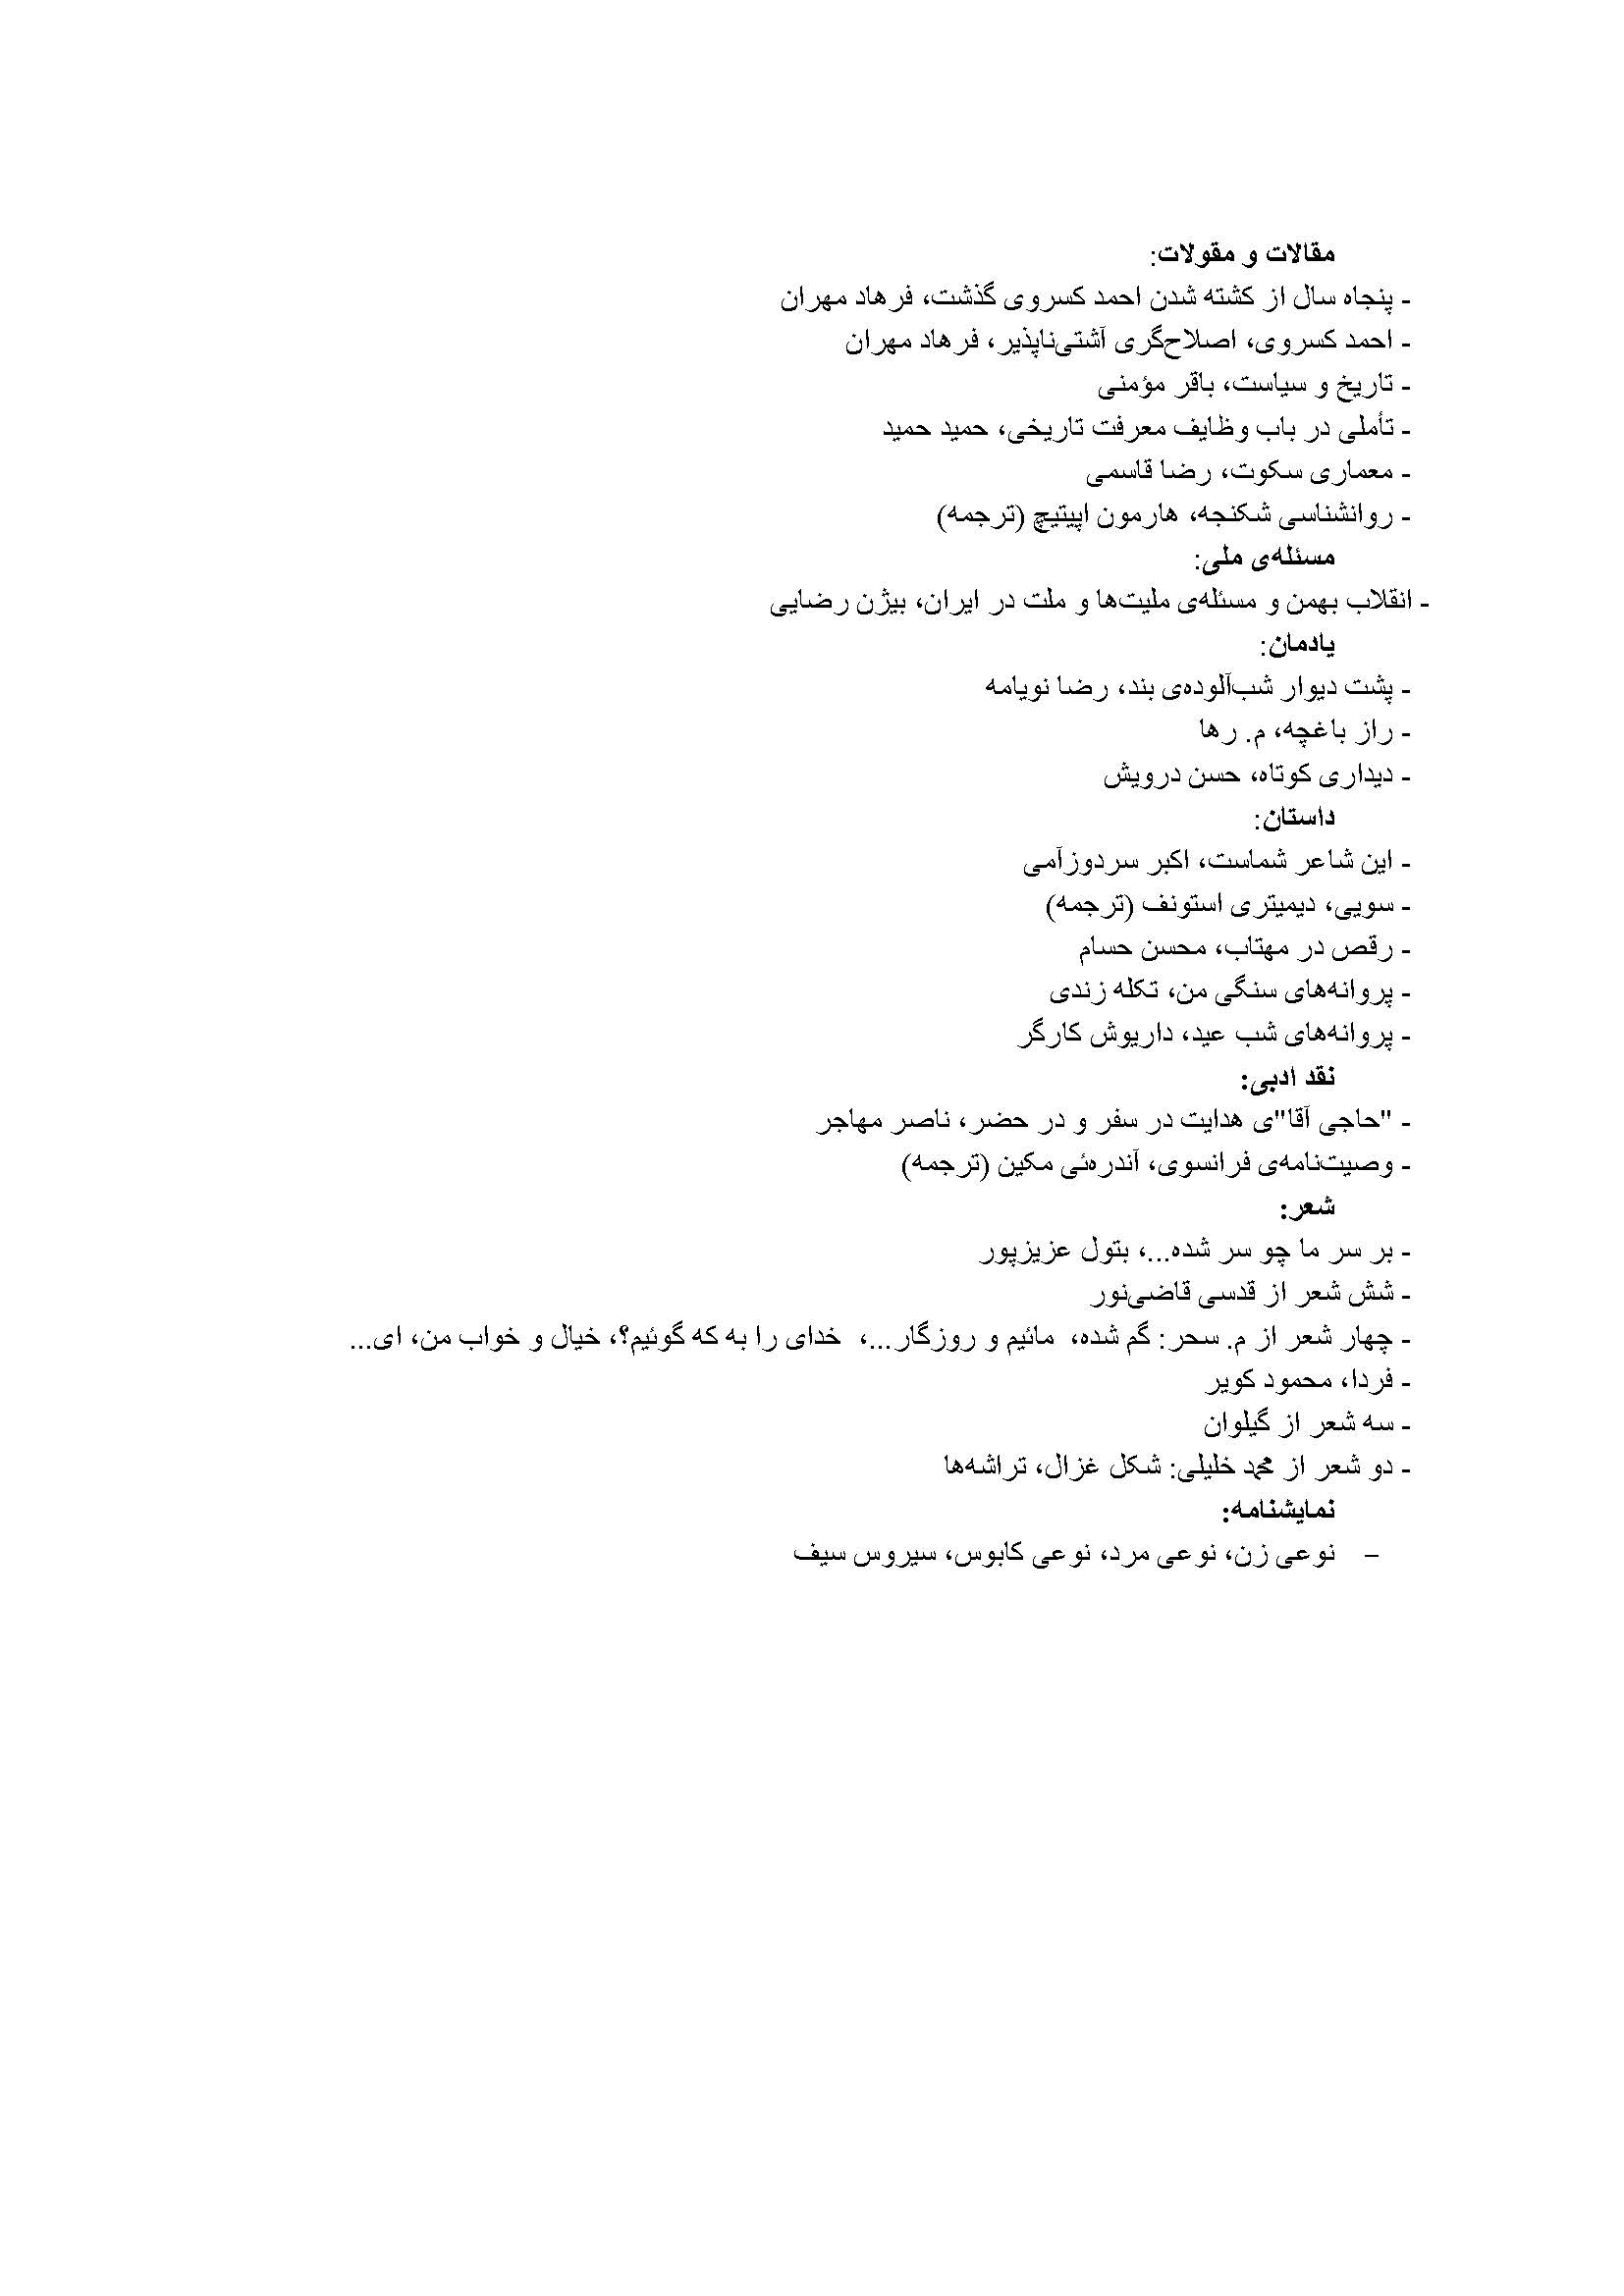 ketab-fehrest_Page_2